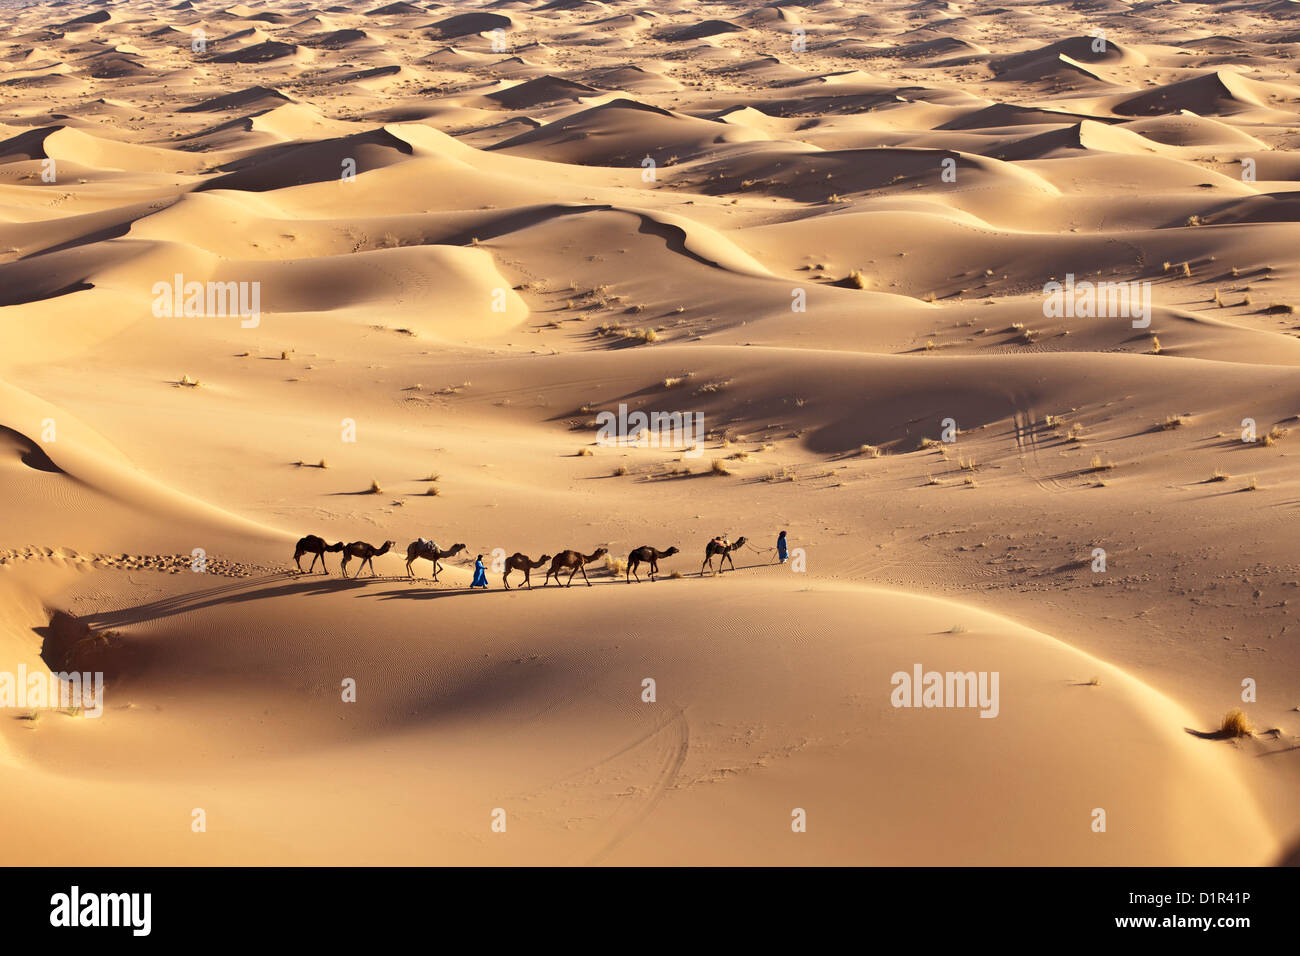 Marruecos, M'Hamid, Erg Chigaga dunas de arena. El desierto del Sahara. Conductores de camellos y la caravana Imagen De Stock